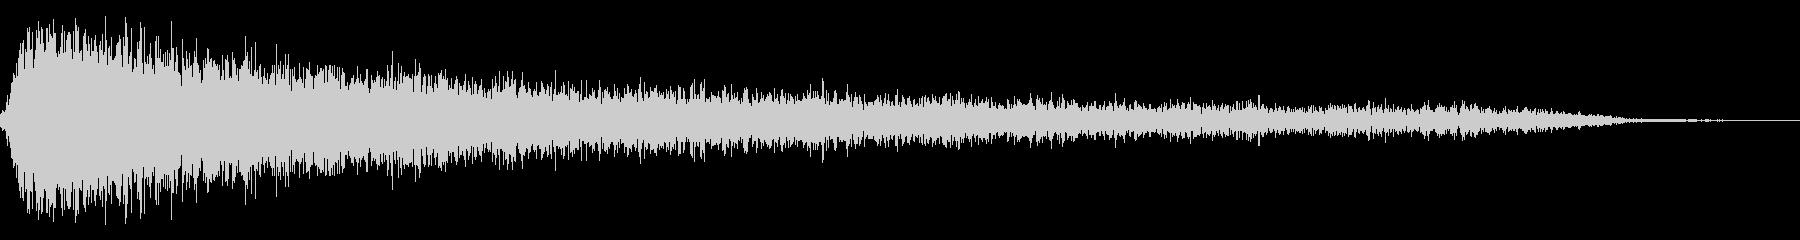 ホラー2(幽霊が現れる音)の未再生の波形